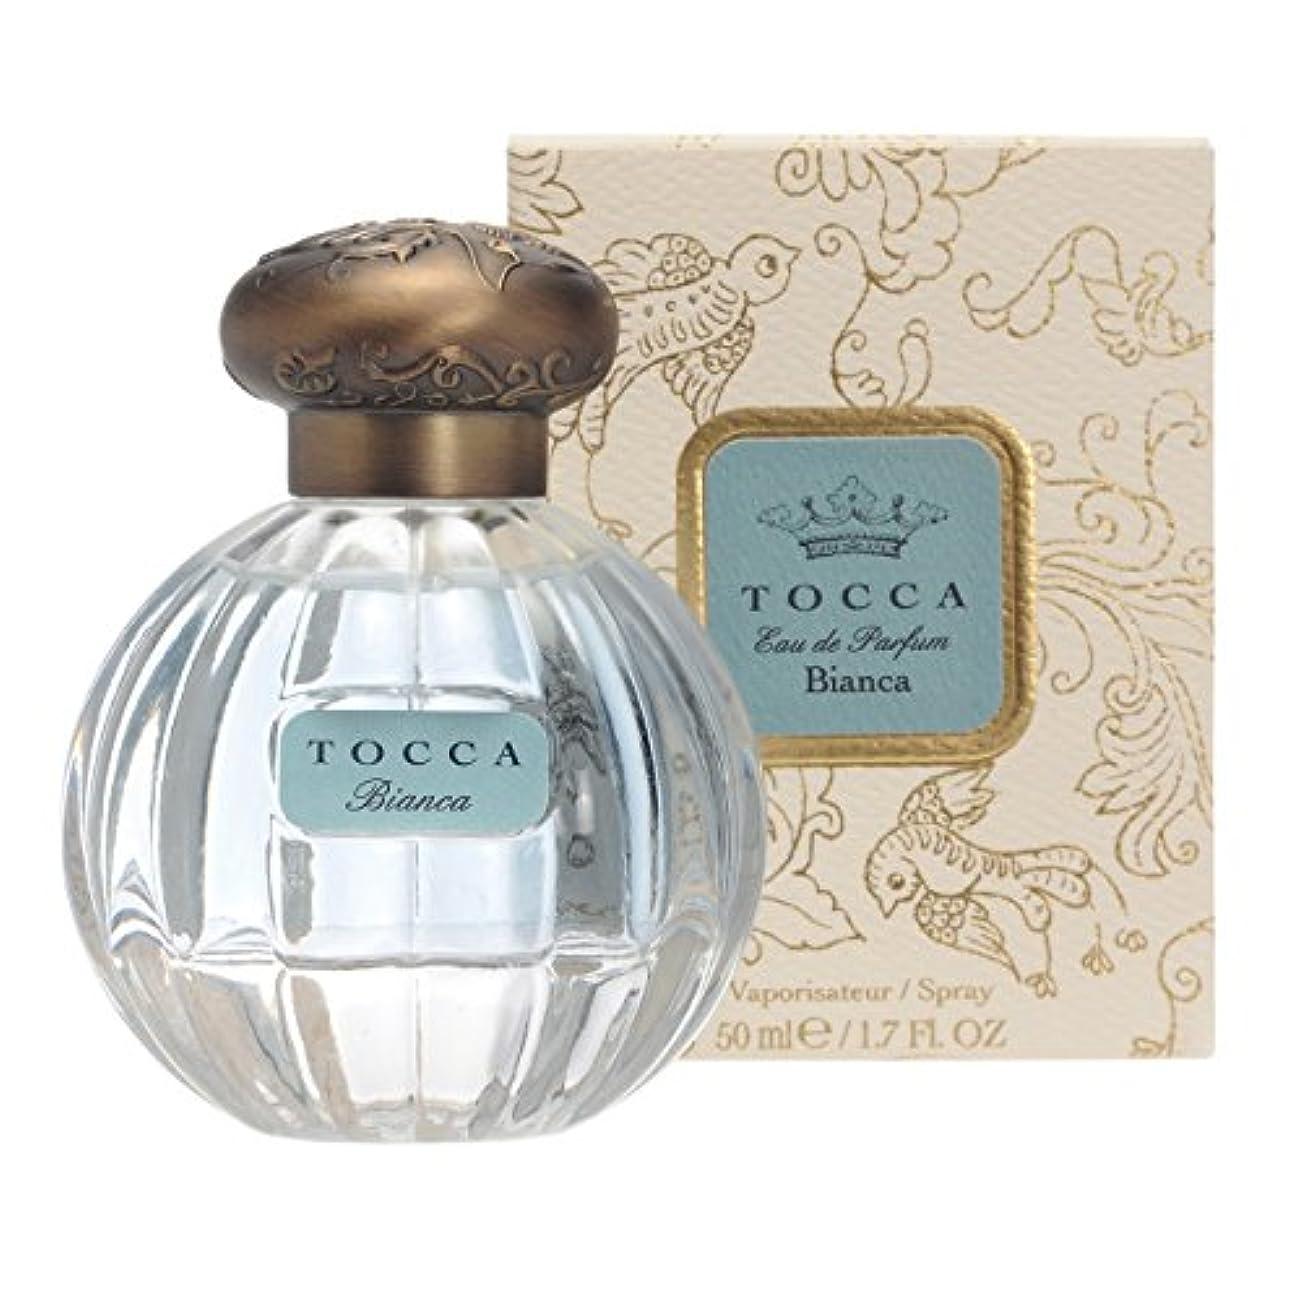 ペット読書横トッカ(TOCCA) オードパルファム ビアンカの香り 50ml(香水 海を眺めながらのティータイムのようなグリーンティーとシトラス、ローズが溶け合う爽やかで甘い香り)